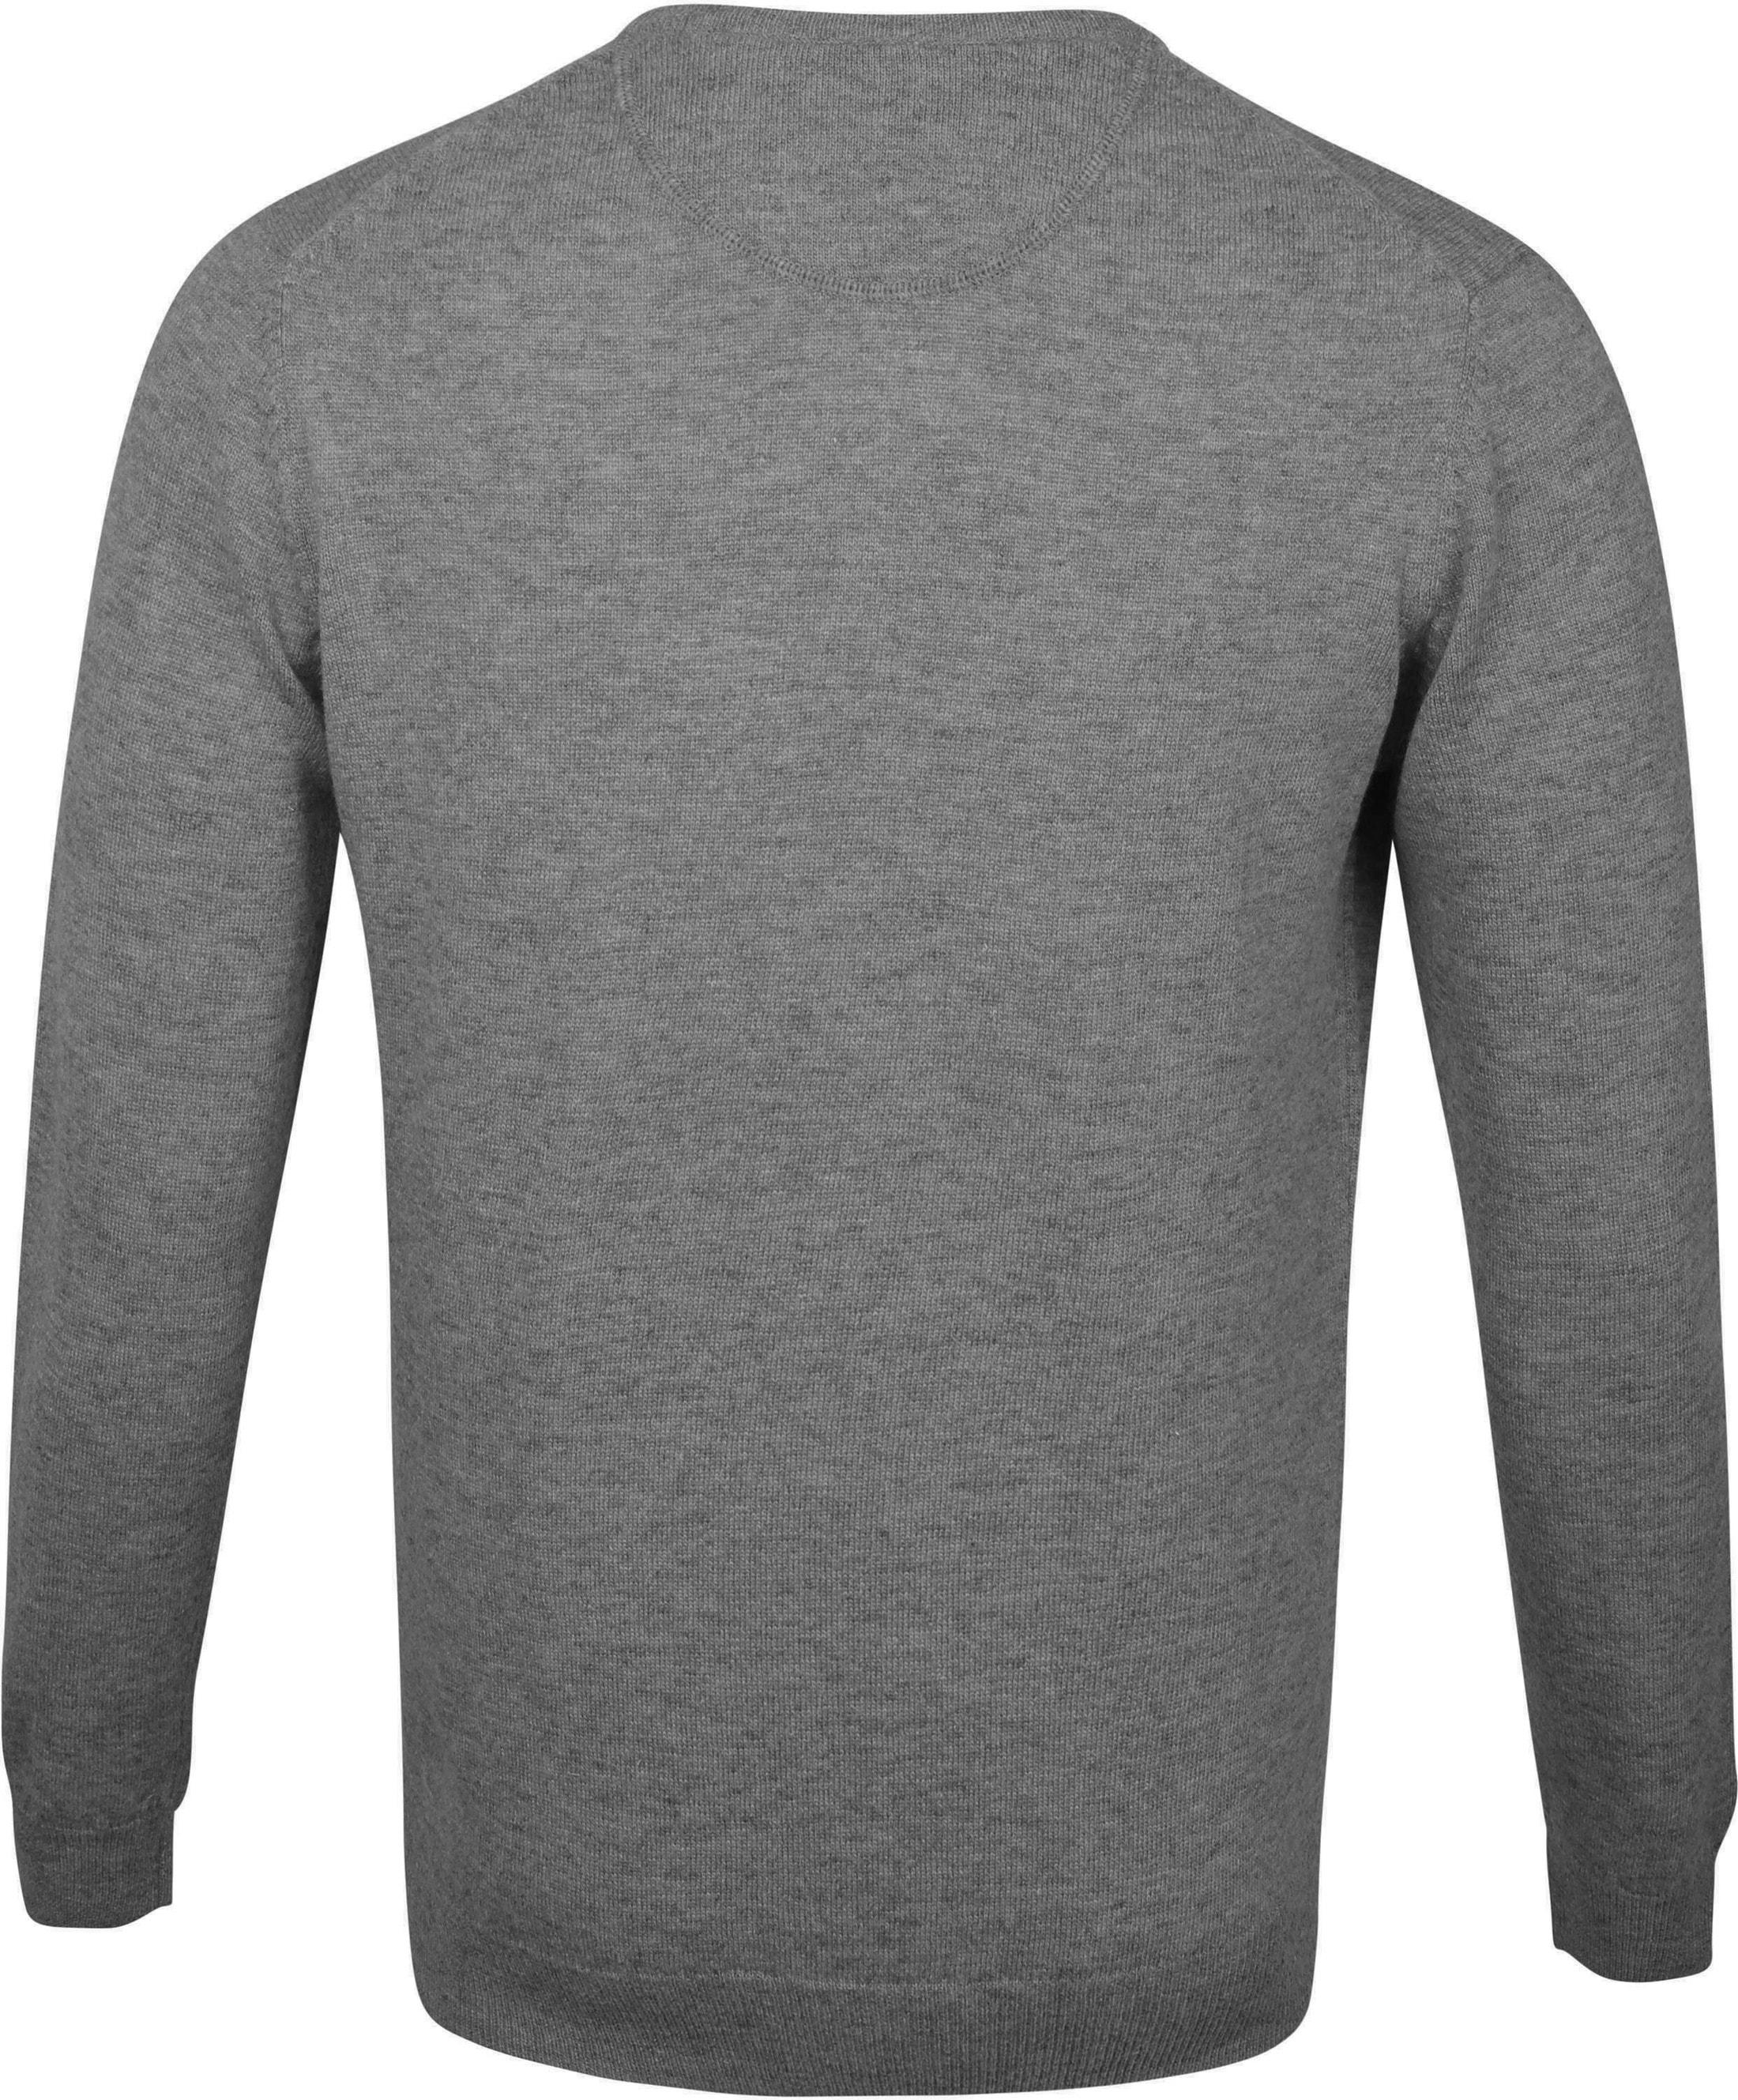 Suitable Pullover O-Hals Lamswol Grijs foto 3